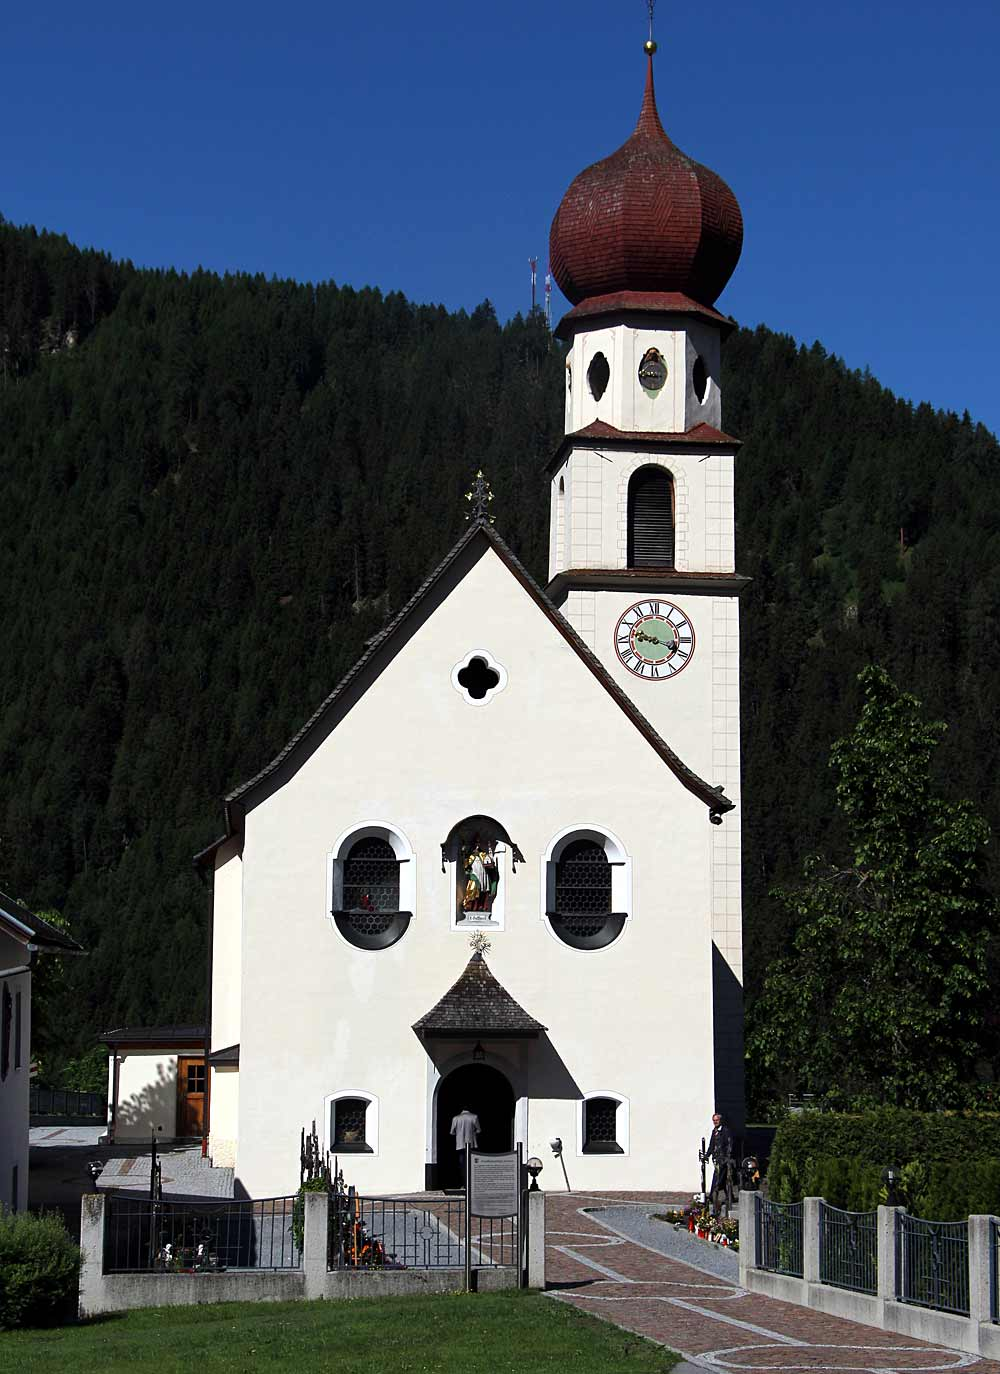 Blick auf den Friedhof und die katholische Pfarrkirche St. Gotthard in Jerzens